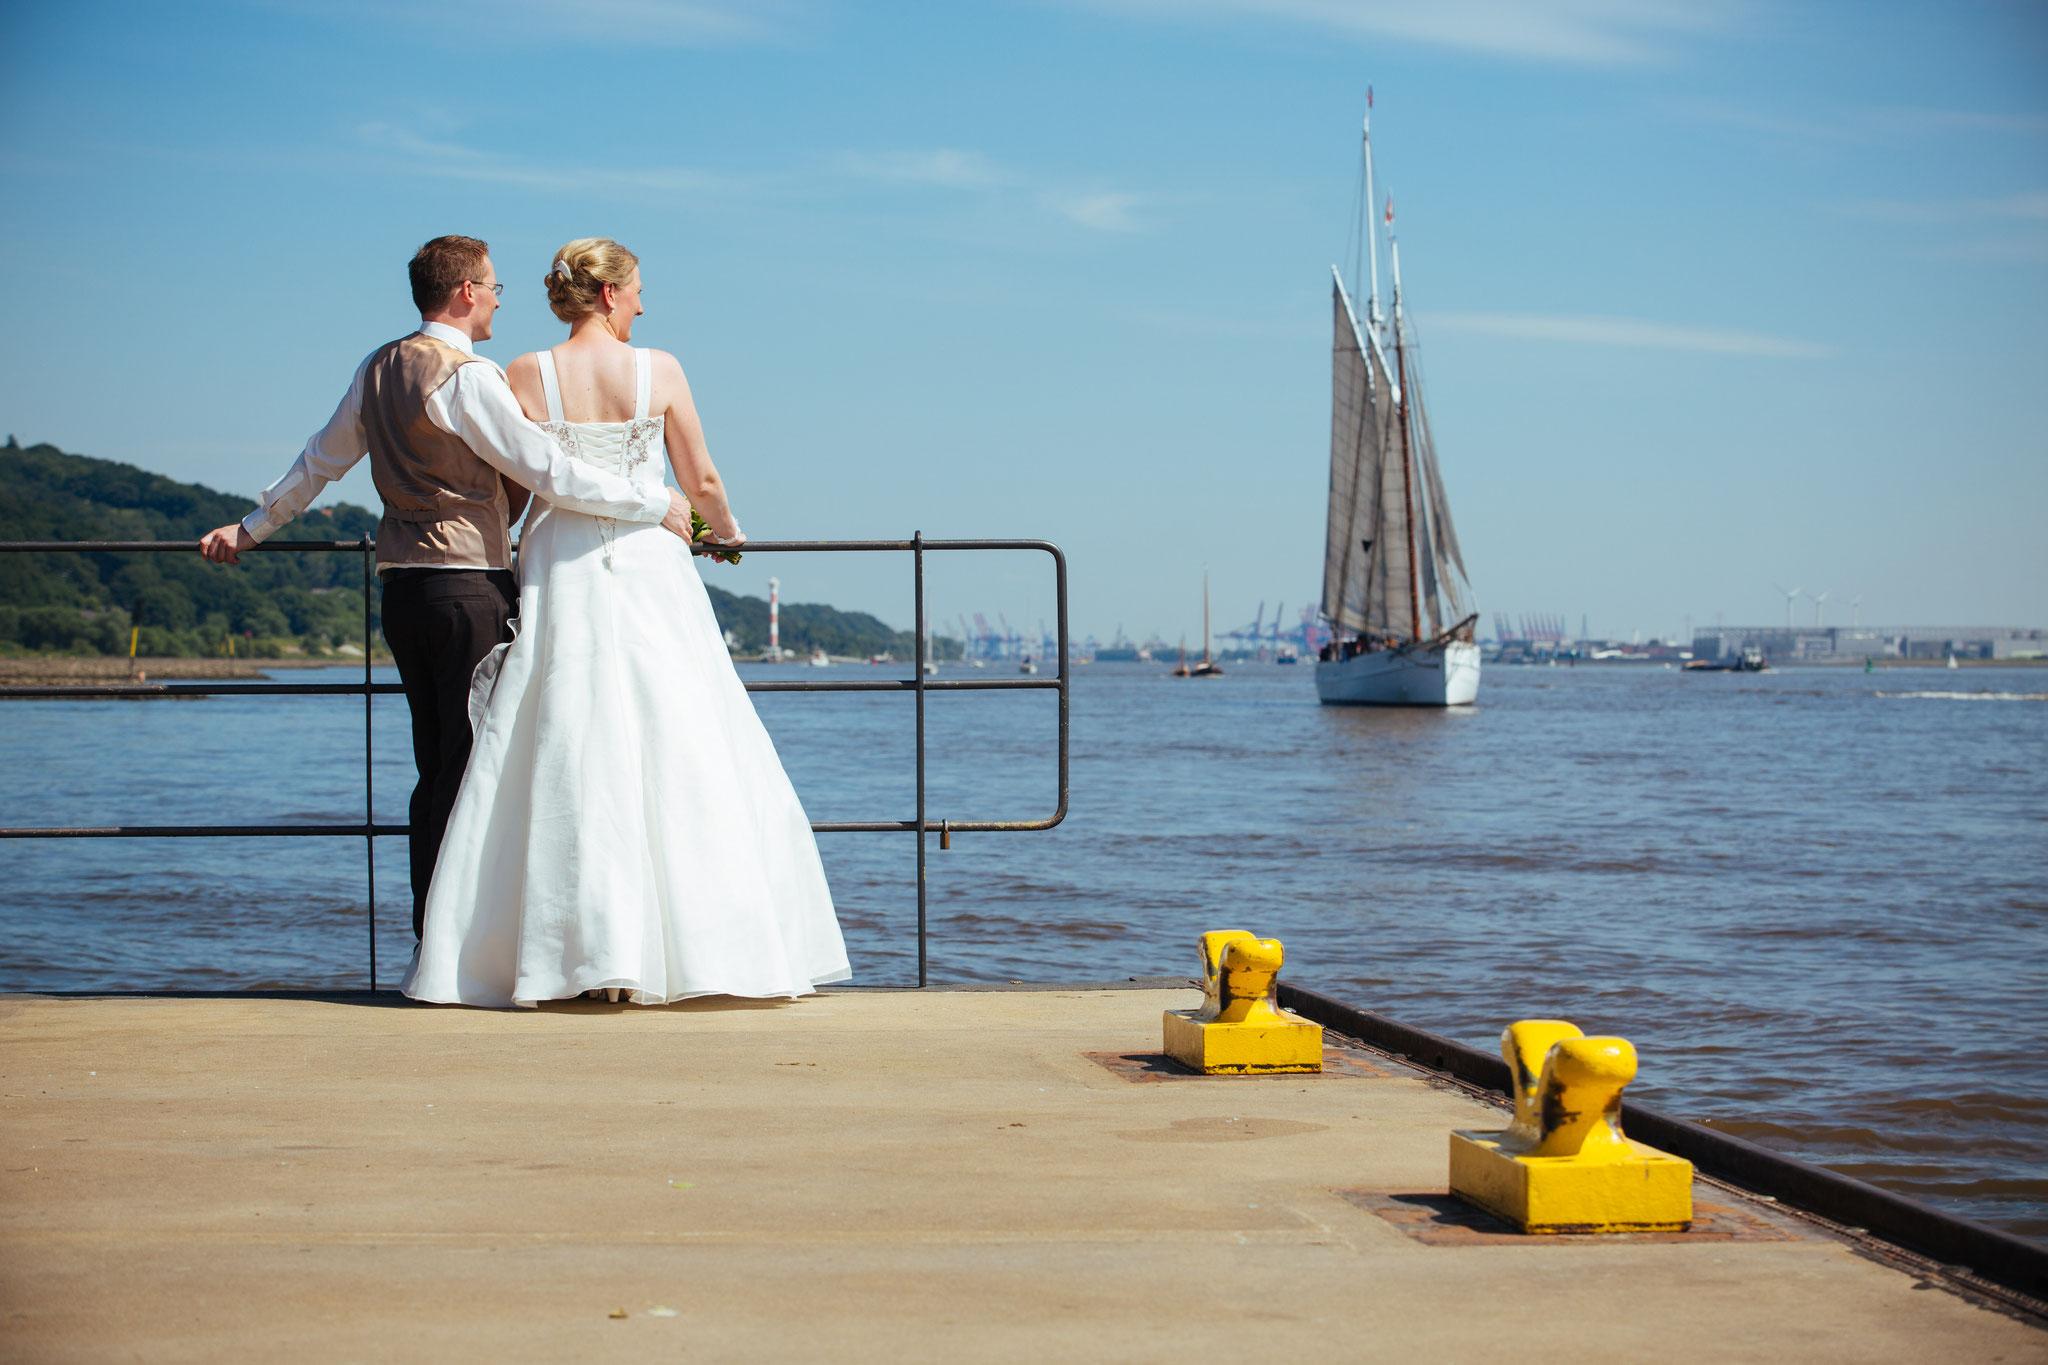 Hochzeitsreise mit dem Traditionssegler?